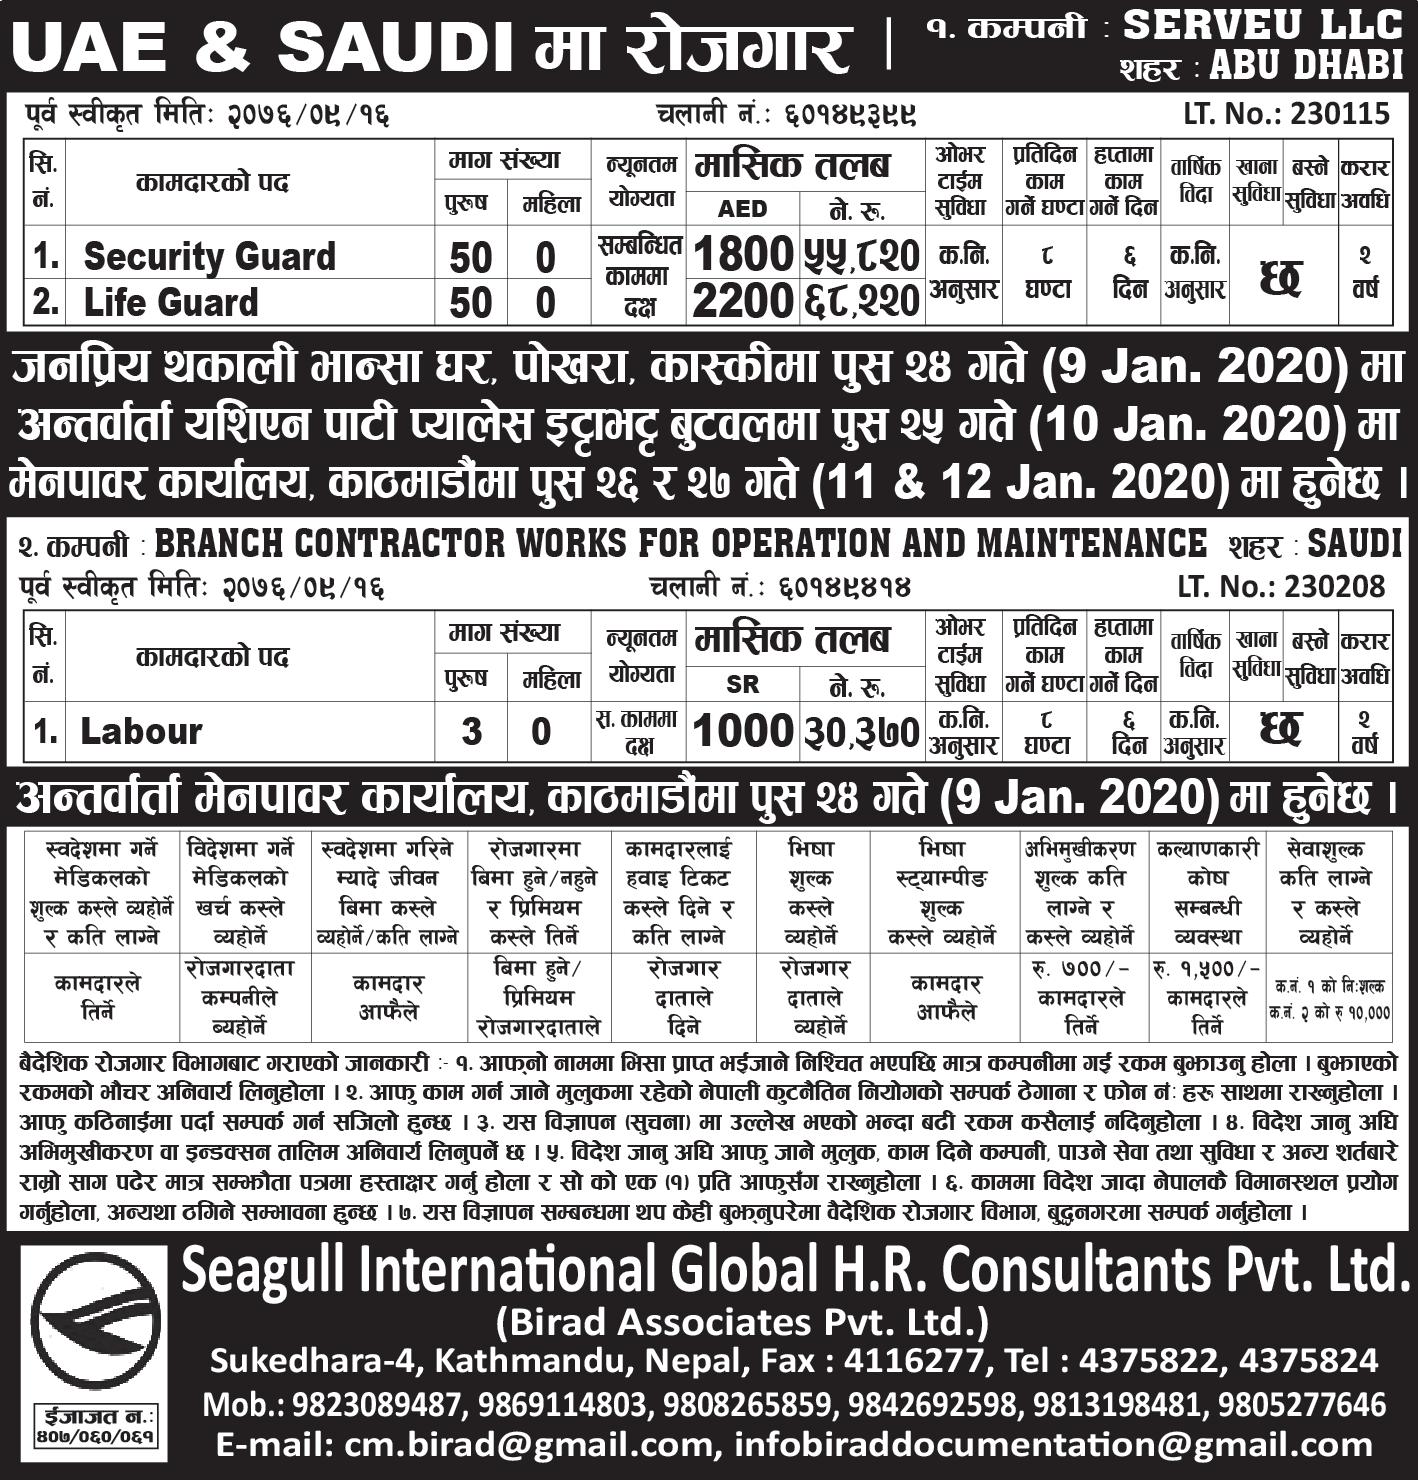 Job at UAE & Saudi